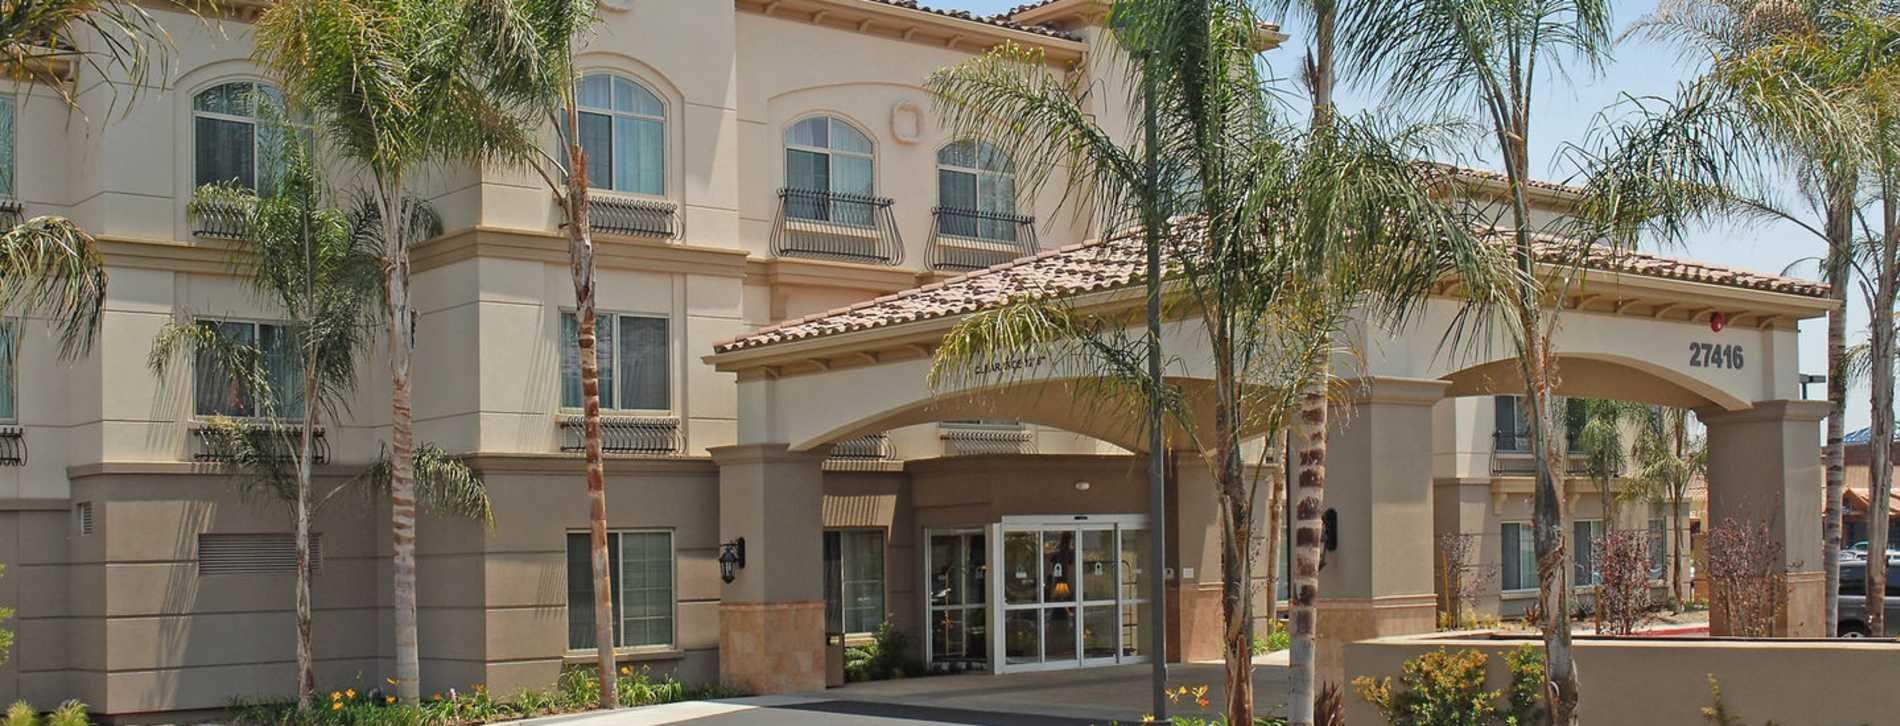 Fairfield Inn and Suites Temecula, CA